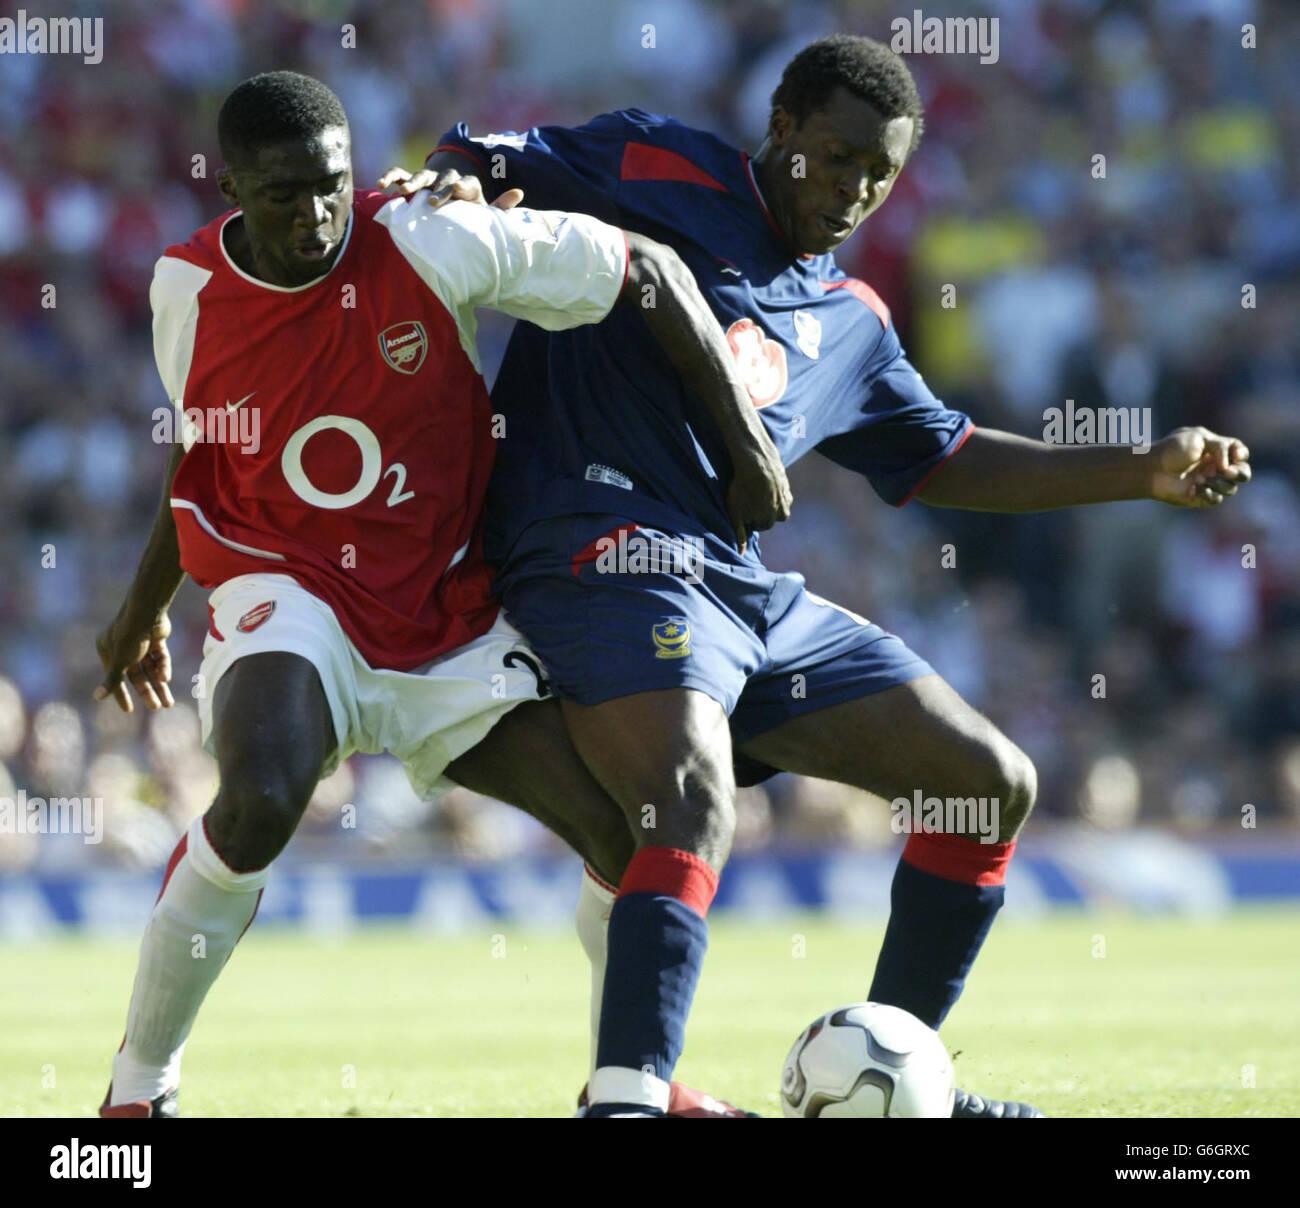 Arsenals Kolo Toure against Yakubu of Pompey - Stock Image